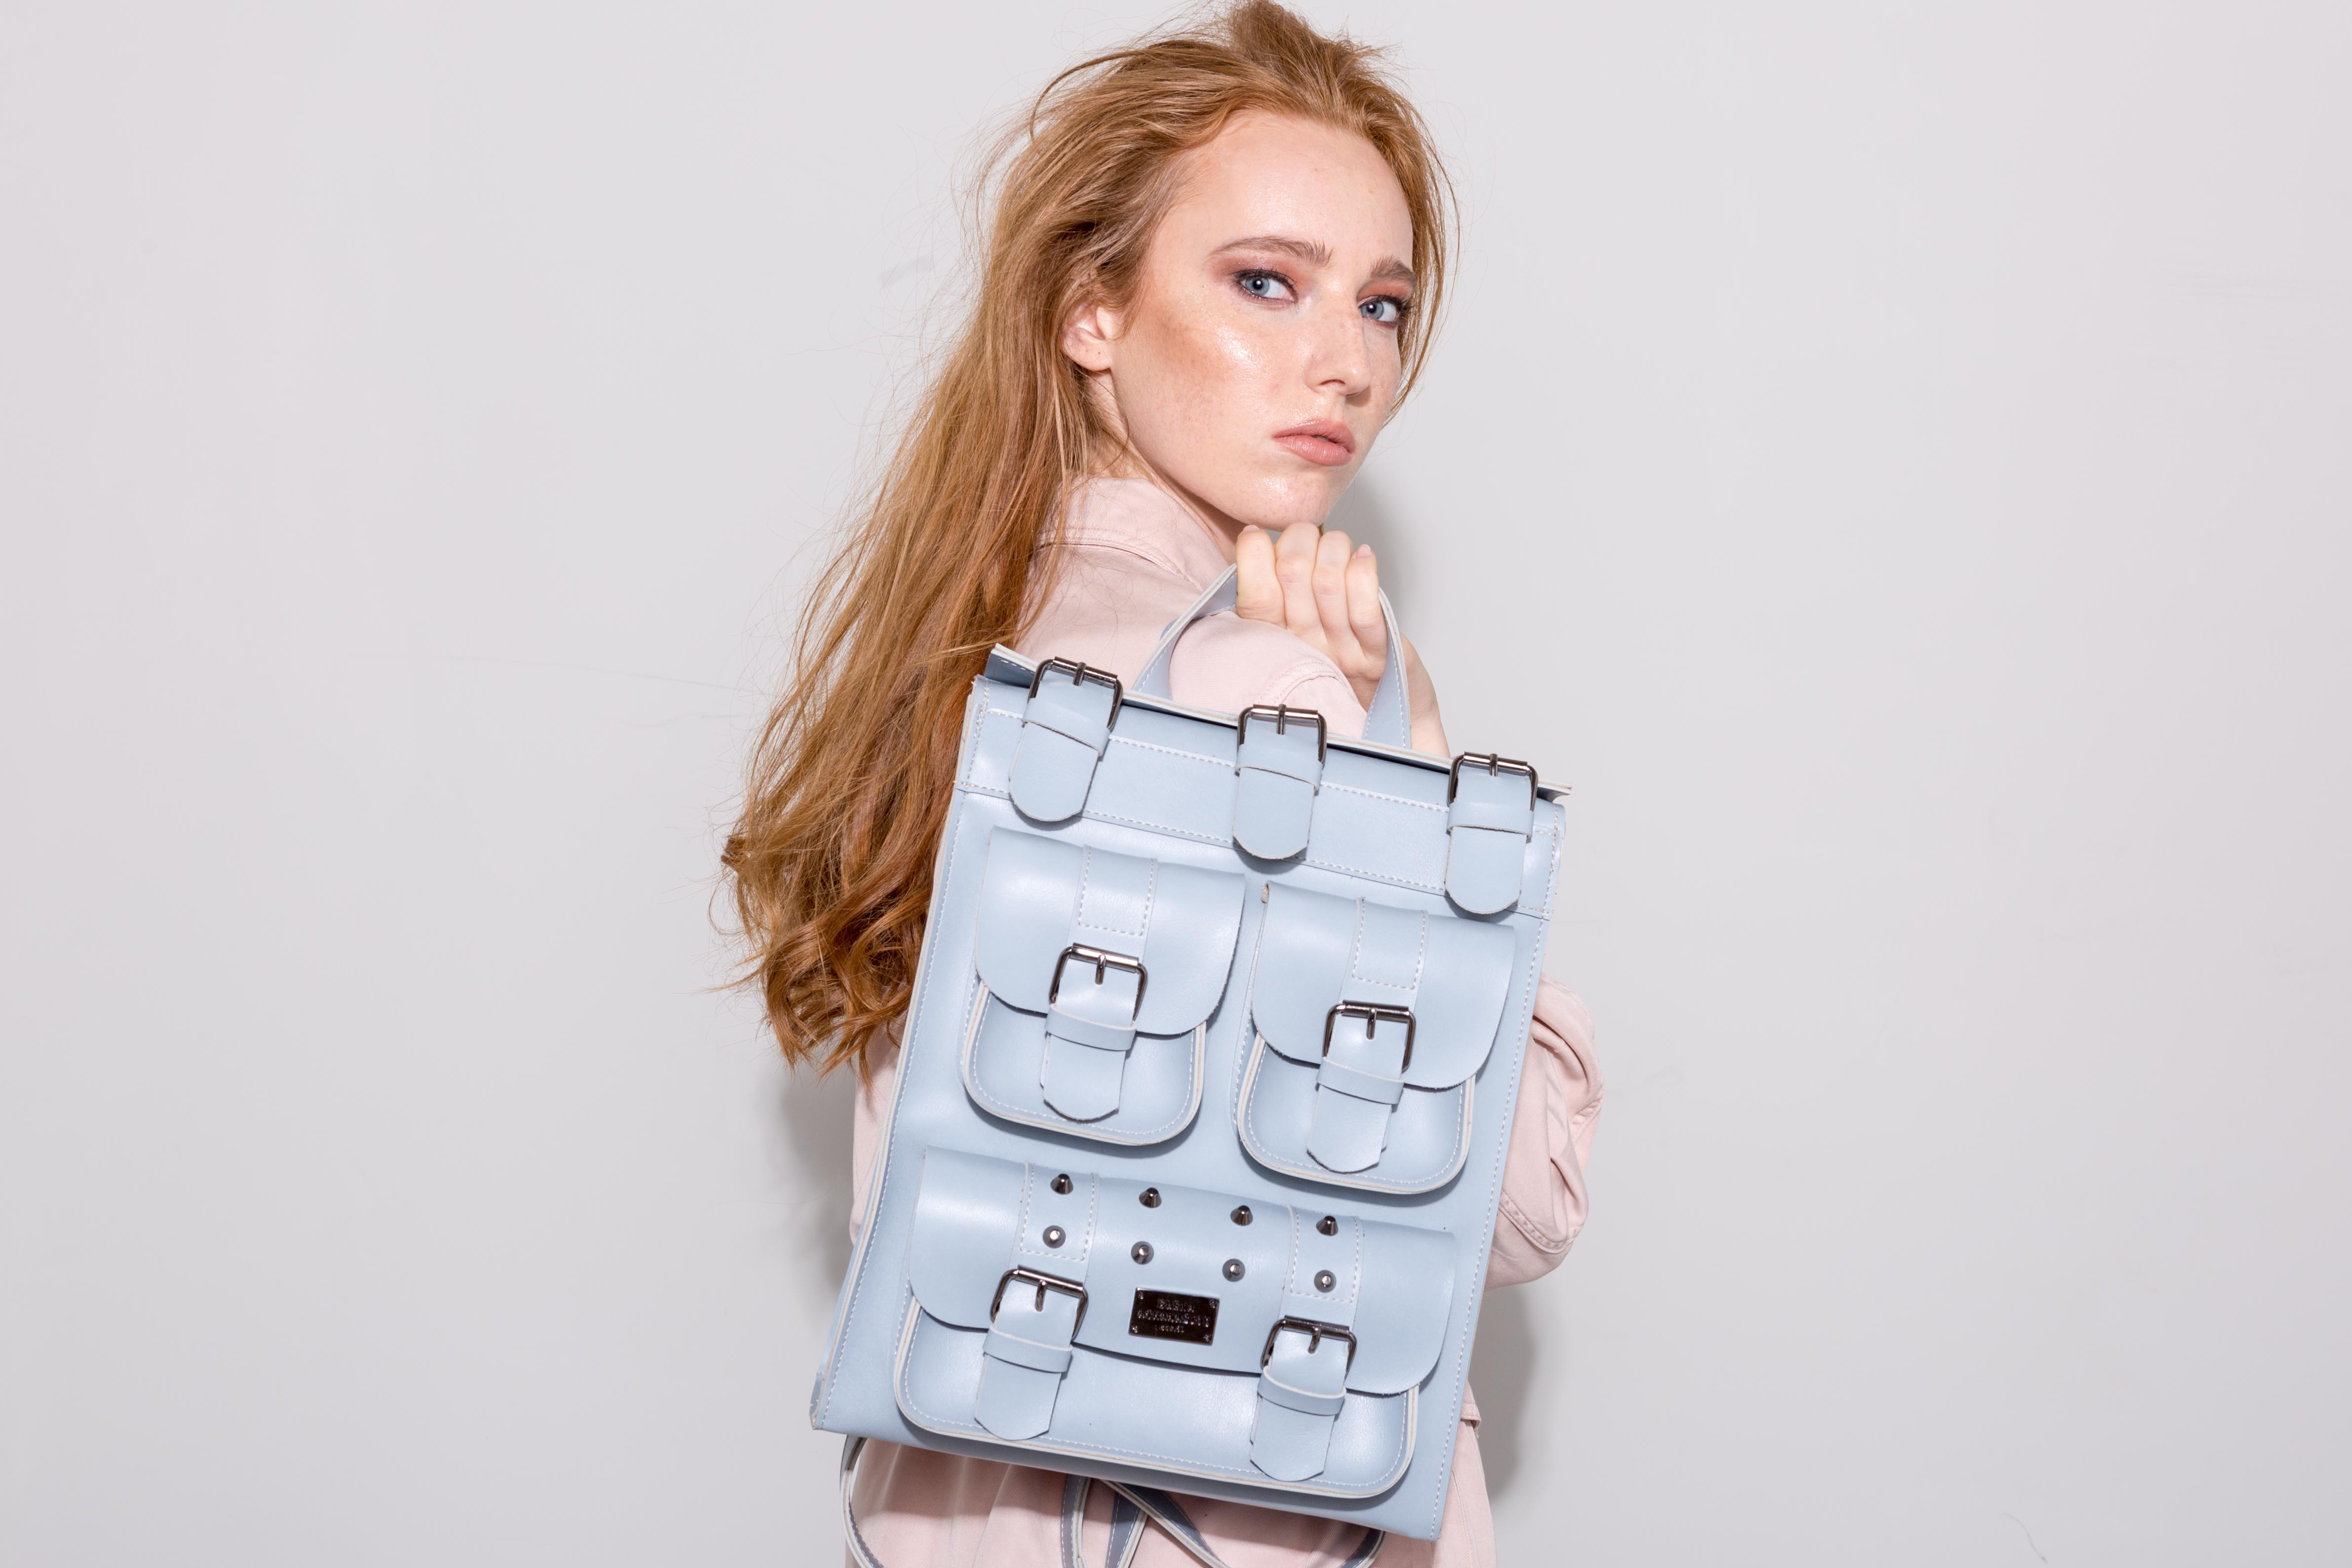 054c412fa8 Ανακαλύψαμε τις made in Greece τσάντες που είναι οι It-bags του ...